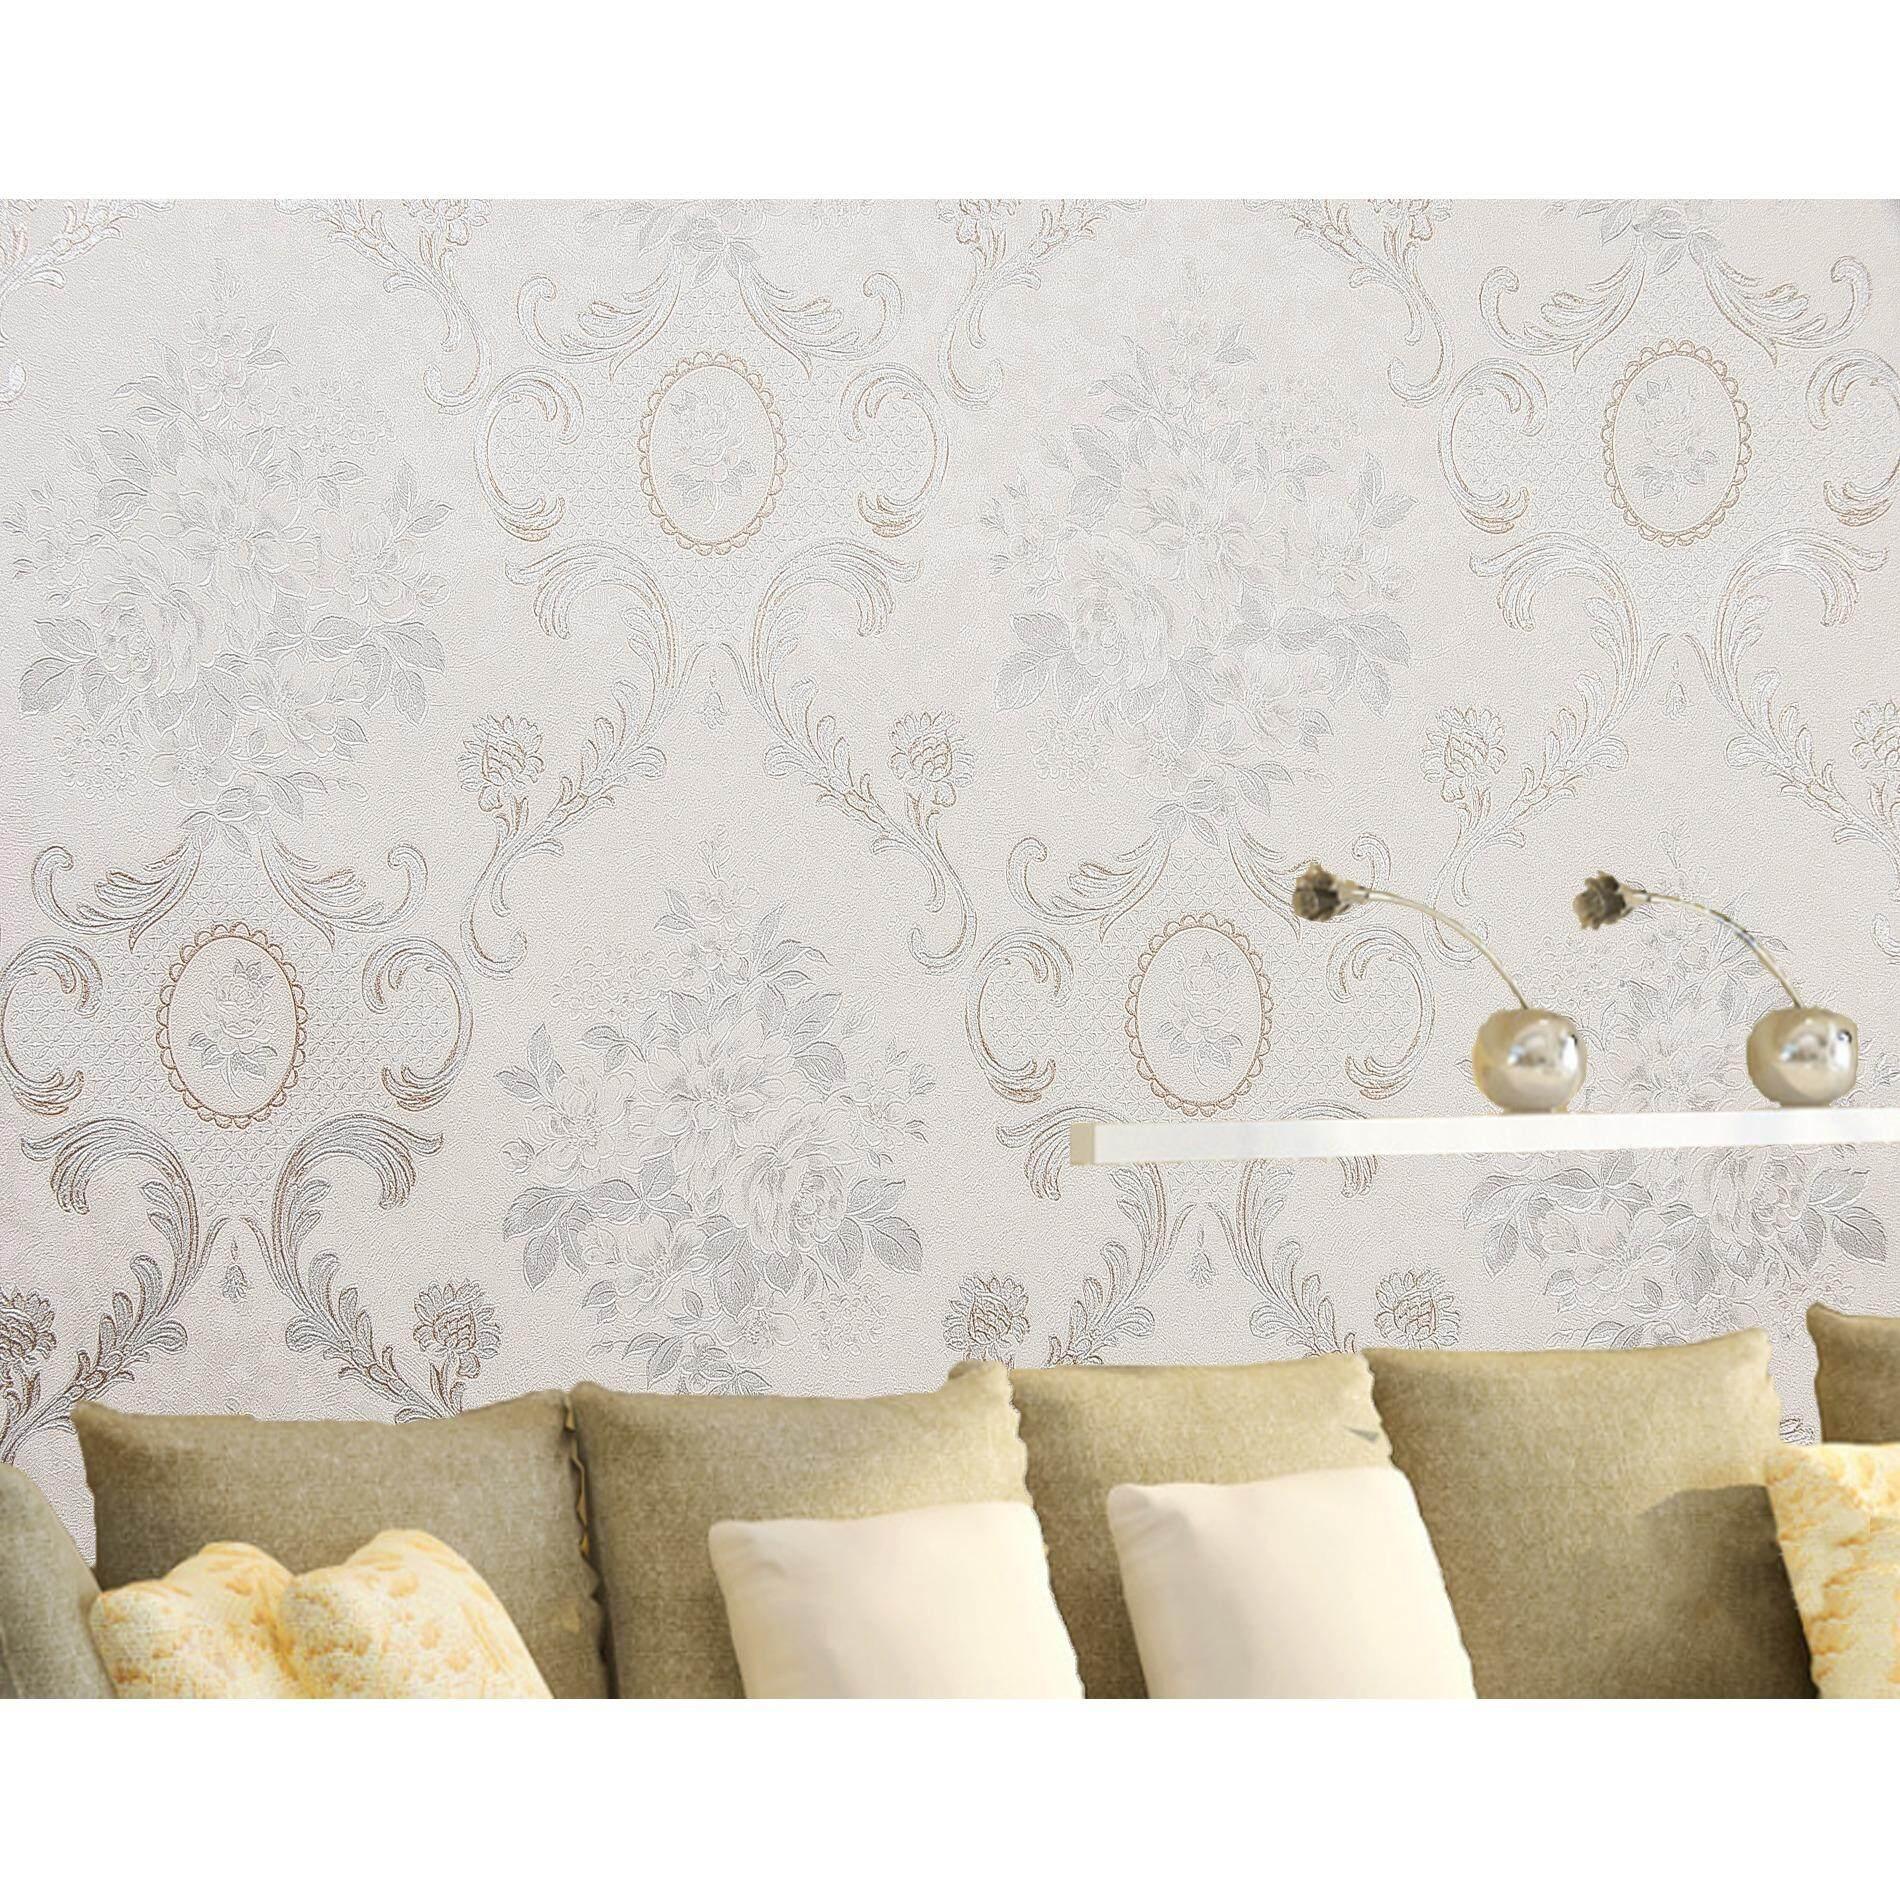 ราคา Homily Wallpaper Lxr รุ่น Fr 790401 โทนสีขาวขุ่น ลายดอกไม้ Ailida เป็นต้นฉบับ